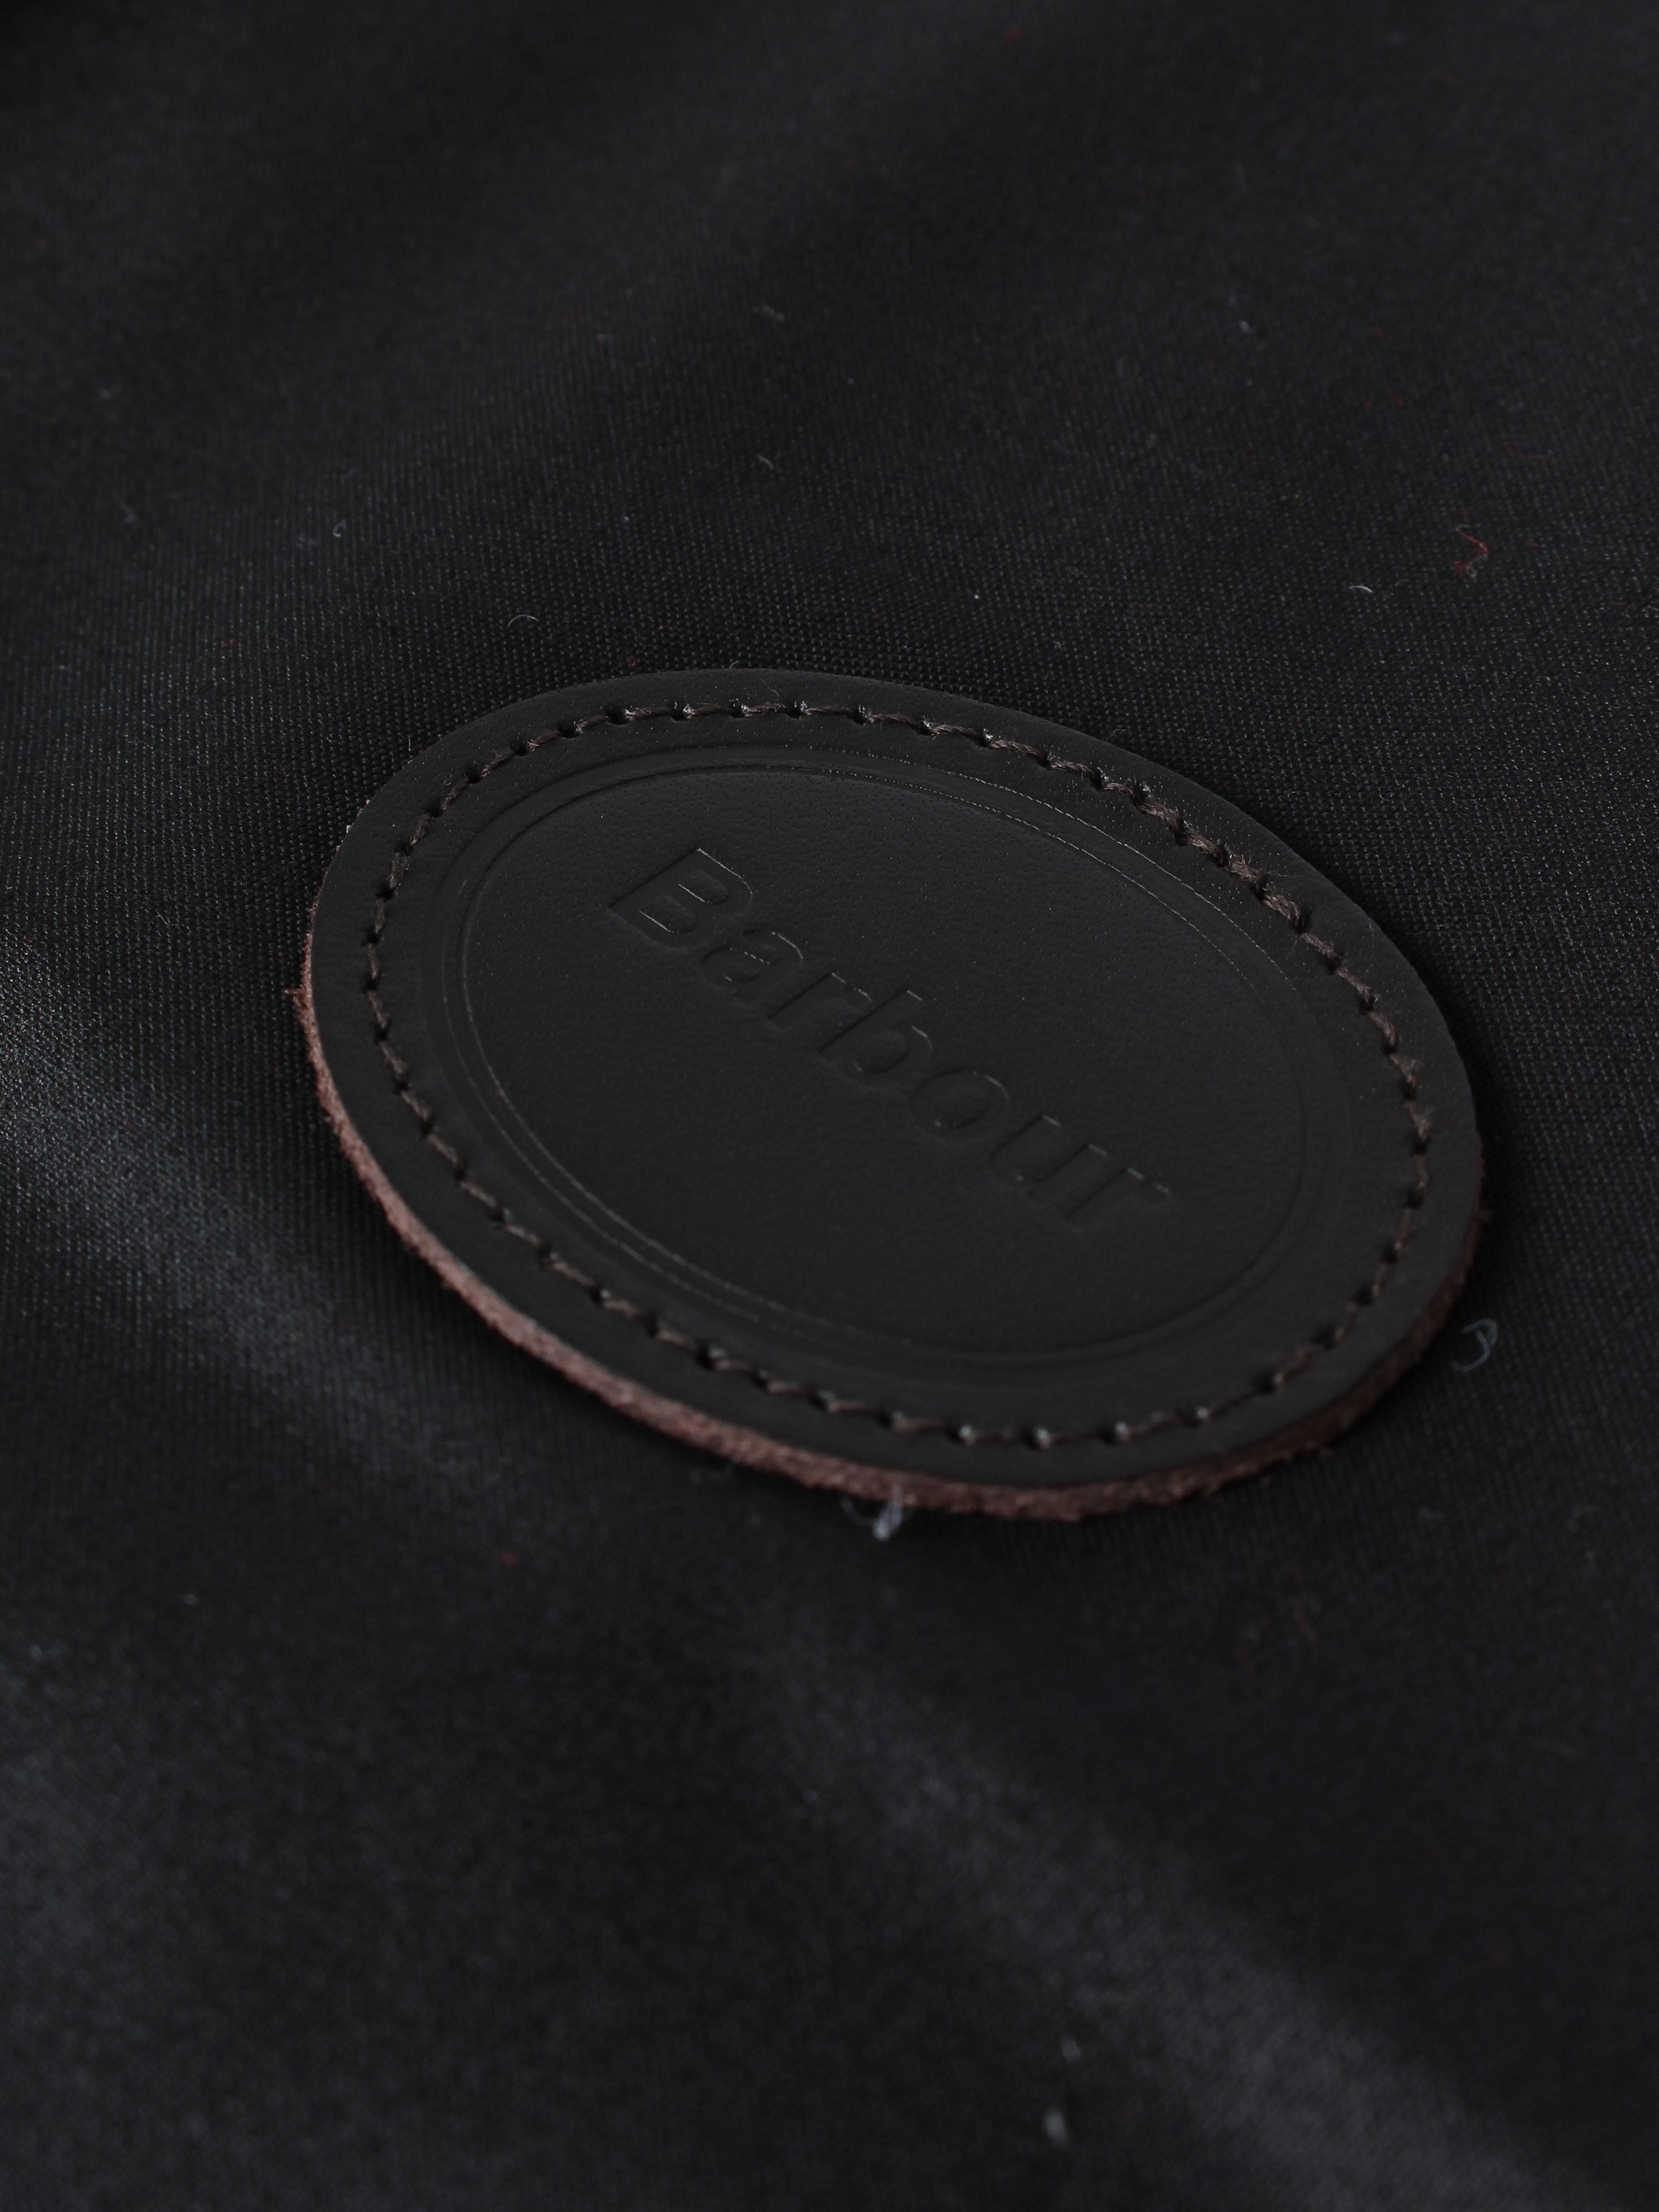 Barbour Wax Cotton Dog Coat - Black